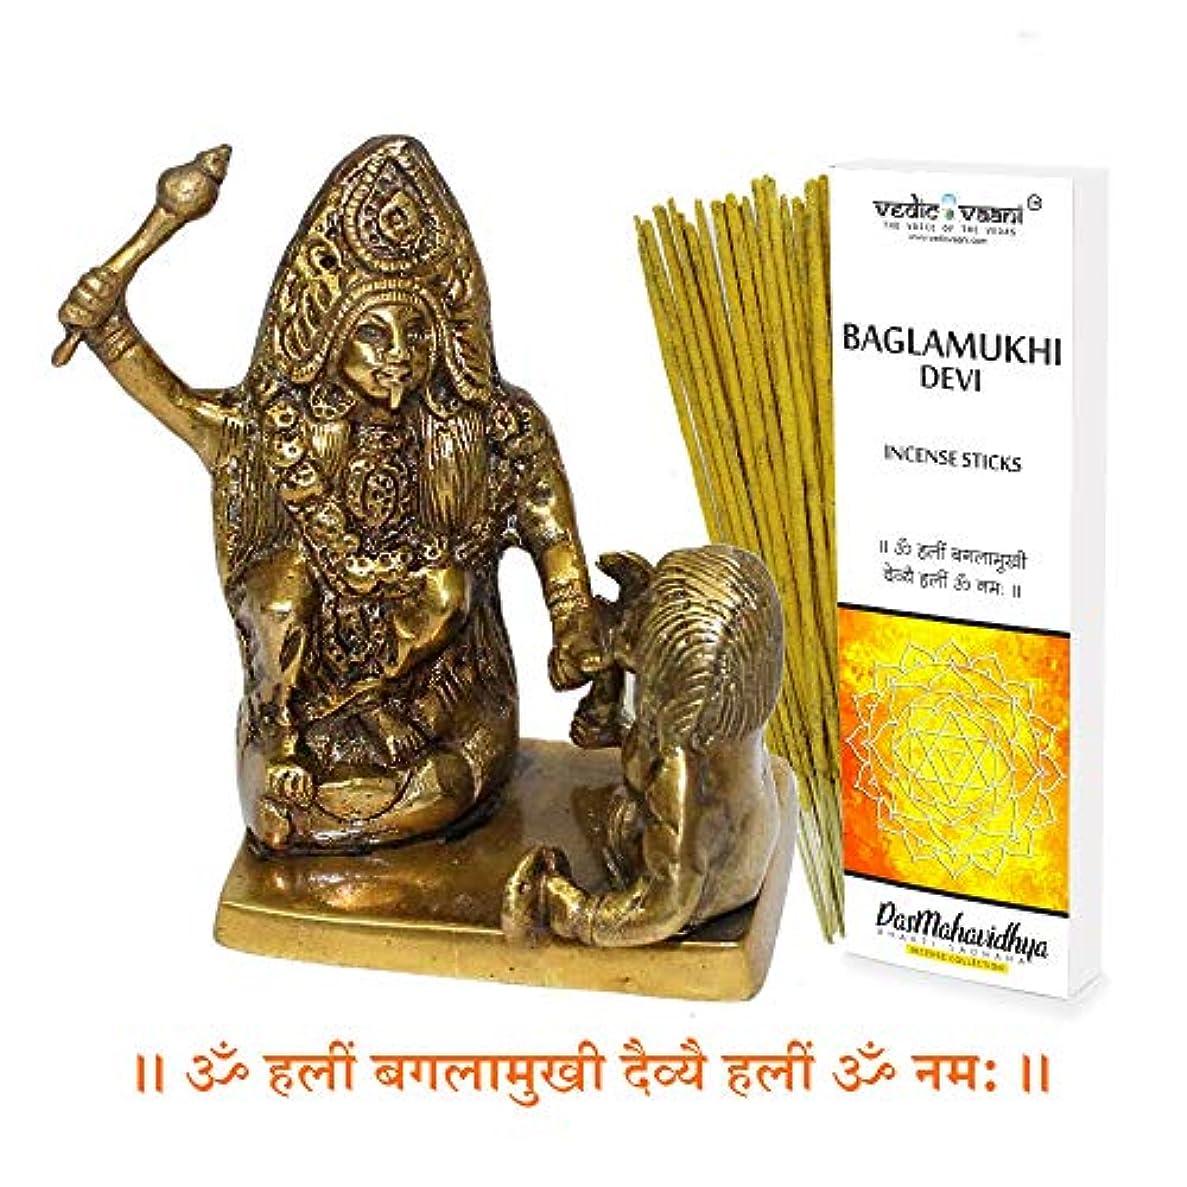 胴体回答うがい薬Vedic Vaani バグラムキ像 バガラムキ香スティック付き